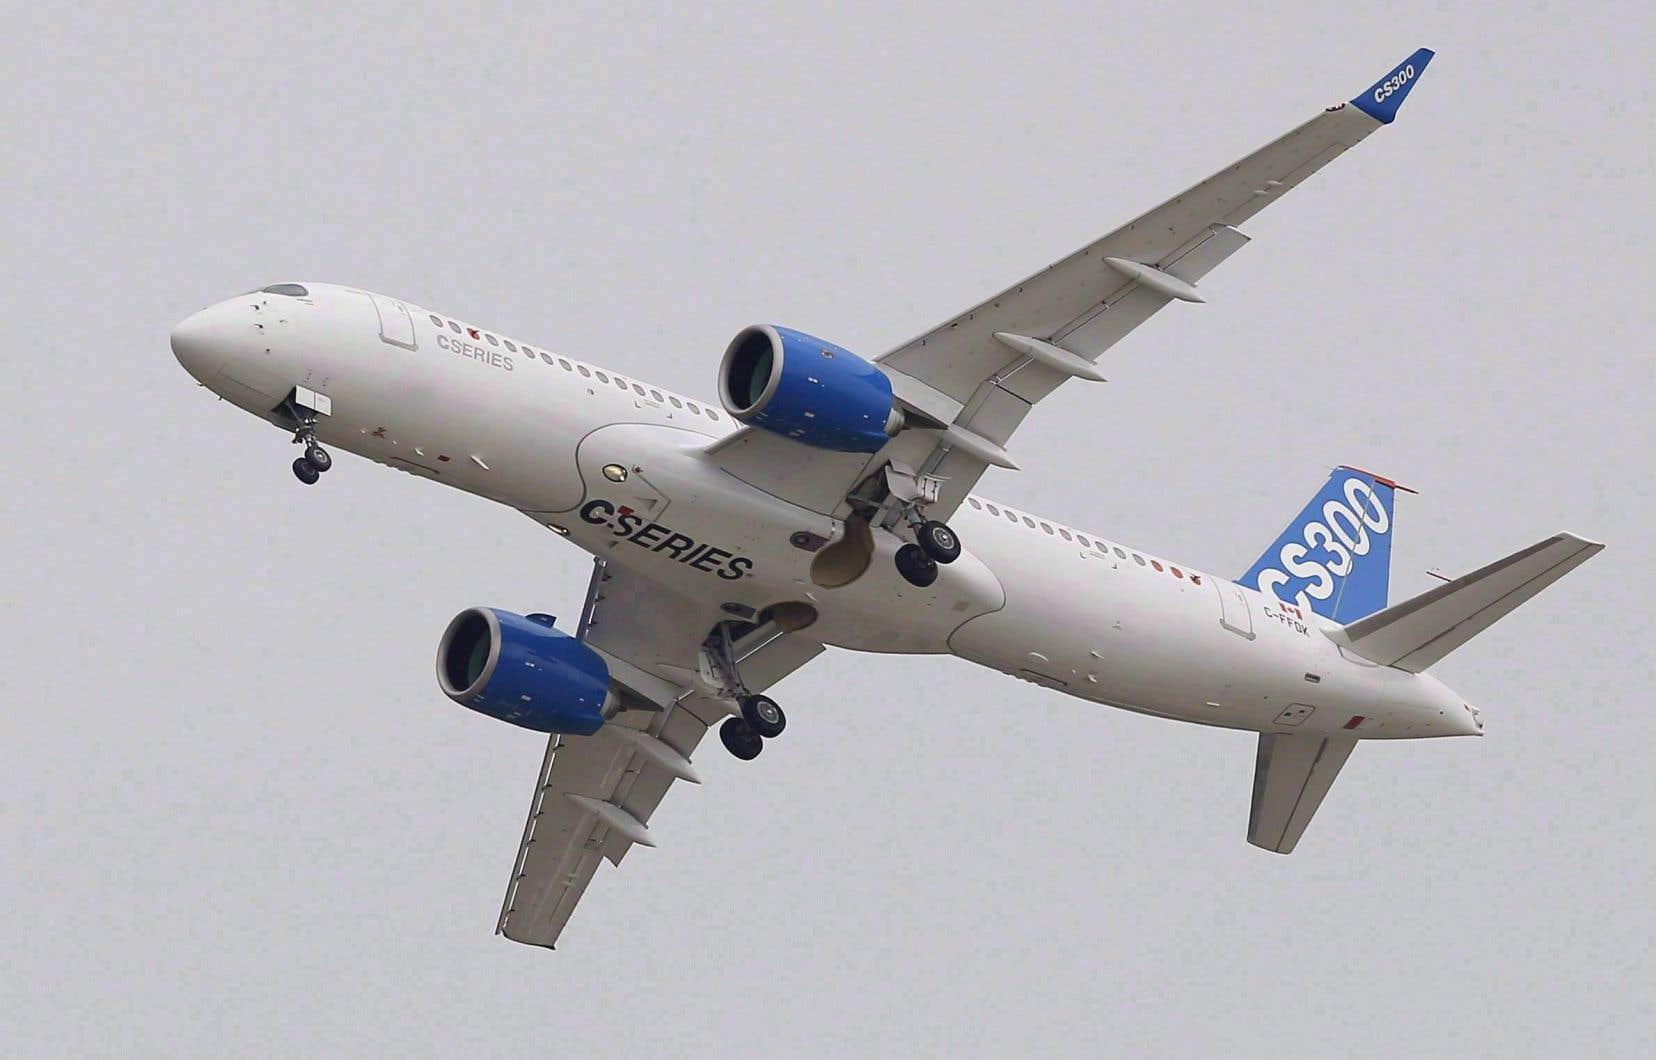 Un porte-parole de Bombardier a souligné que la décision de Boeing de ne pas porter en appel la décision de l'USITC permettrait à l'avionneur québécois de «tourner la page sur cet épisode».